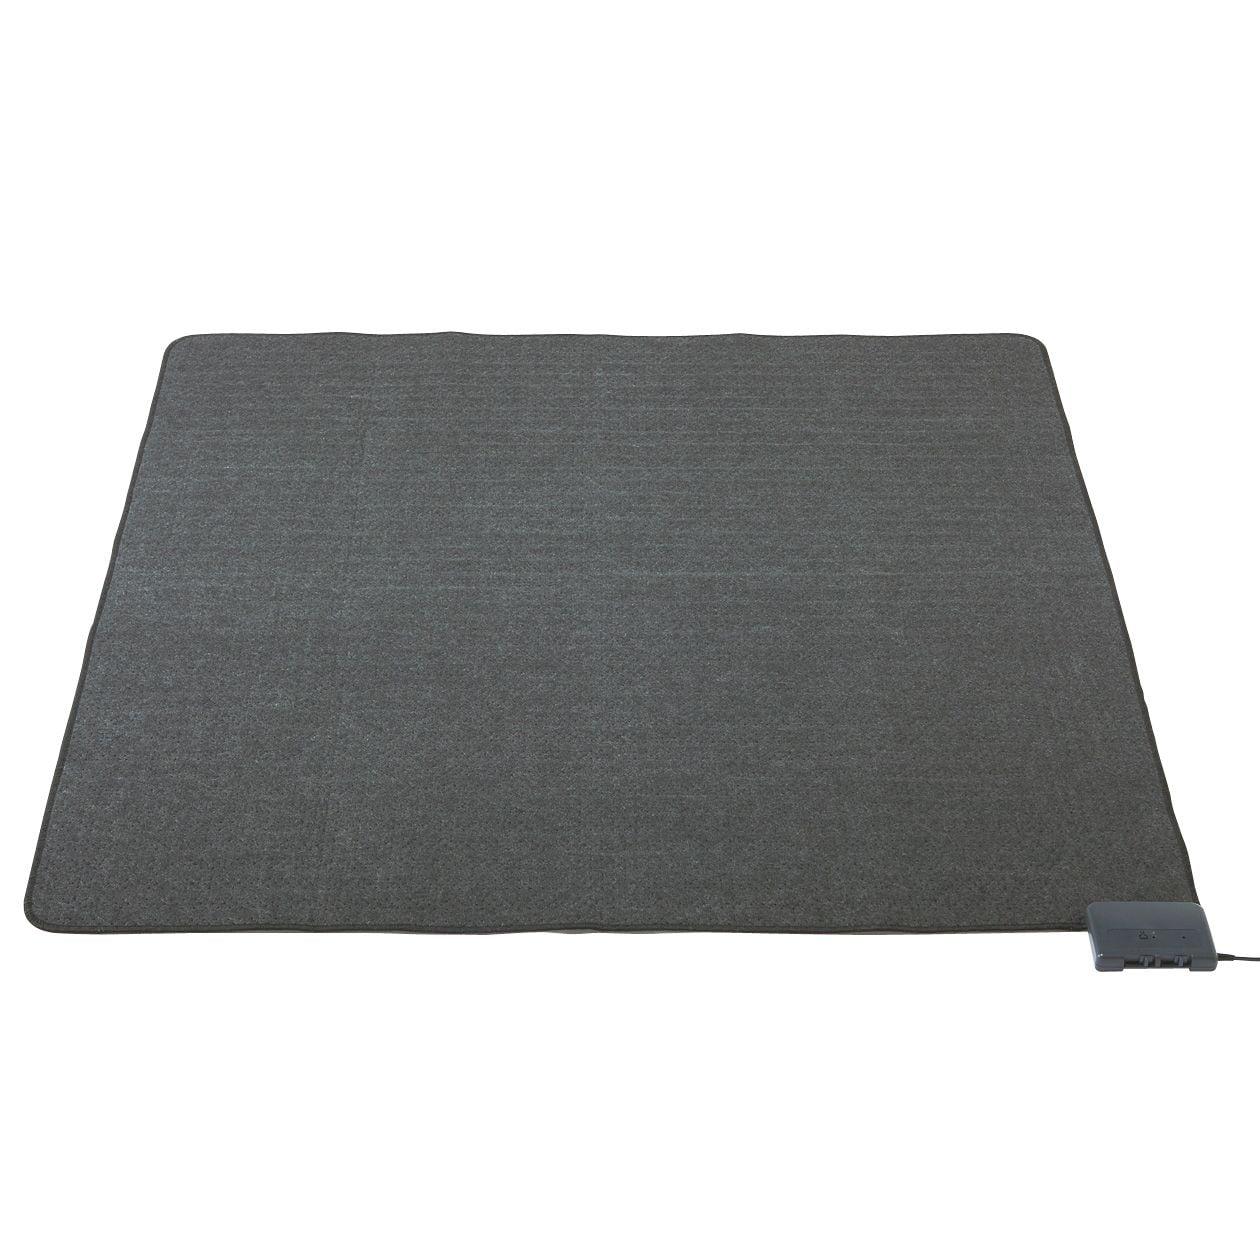 ホットカーペット・2畳用 型番:ELC‐MJ20